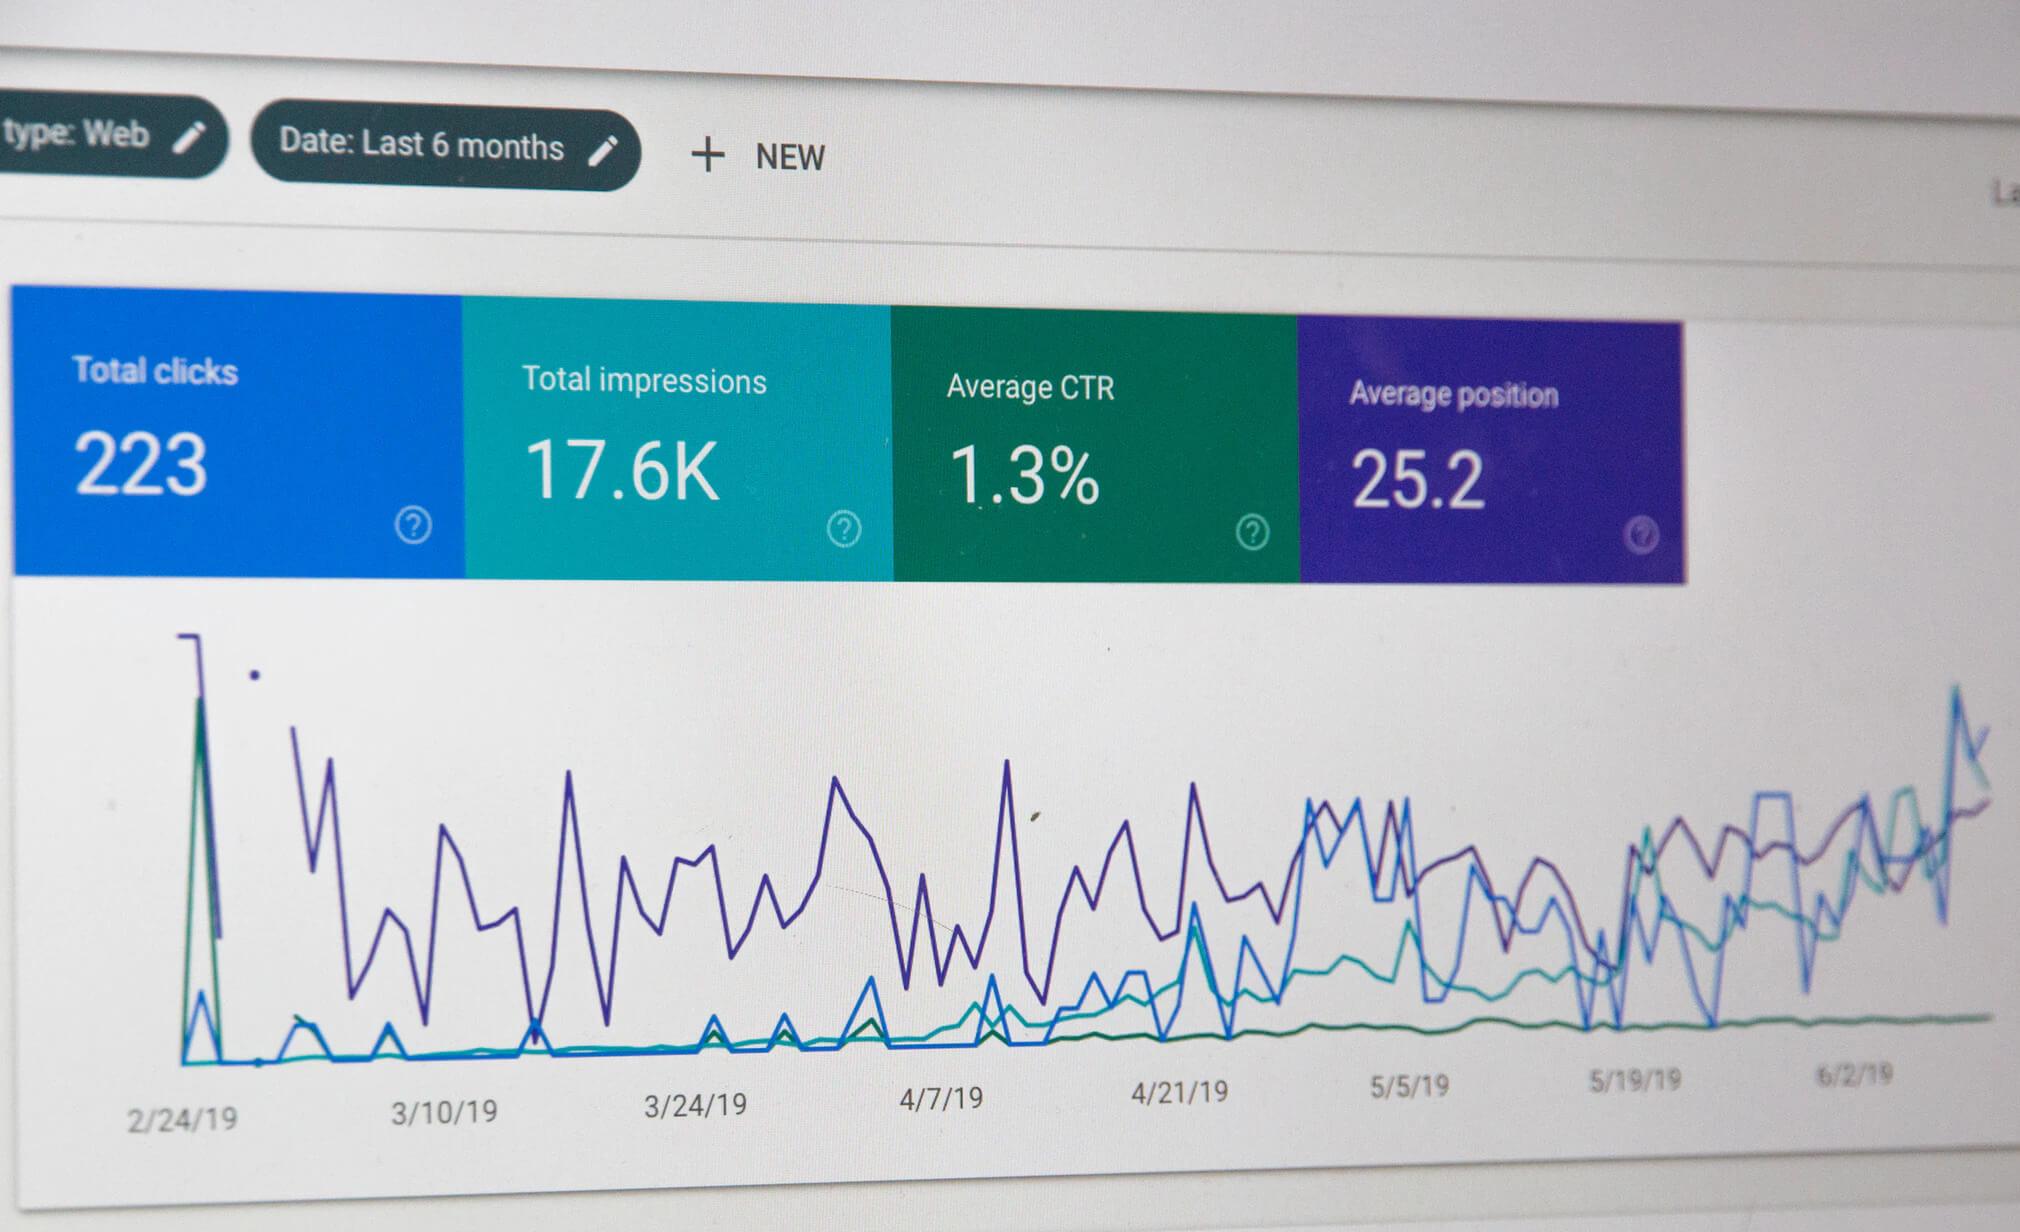 Impressionen werden u.a. über die Google Analytics erfasst